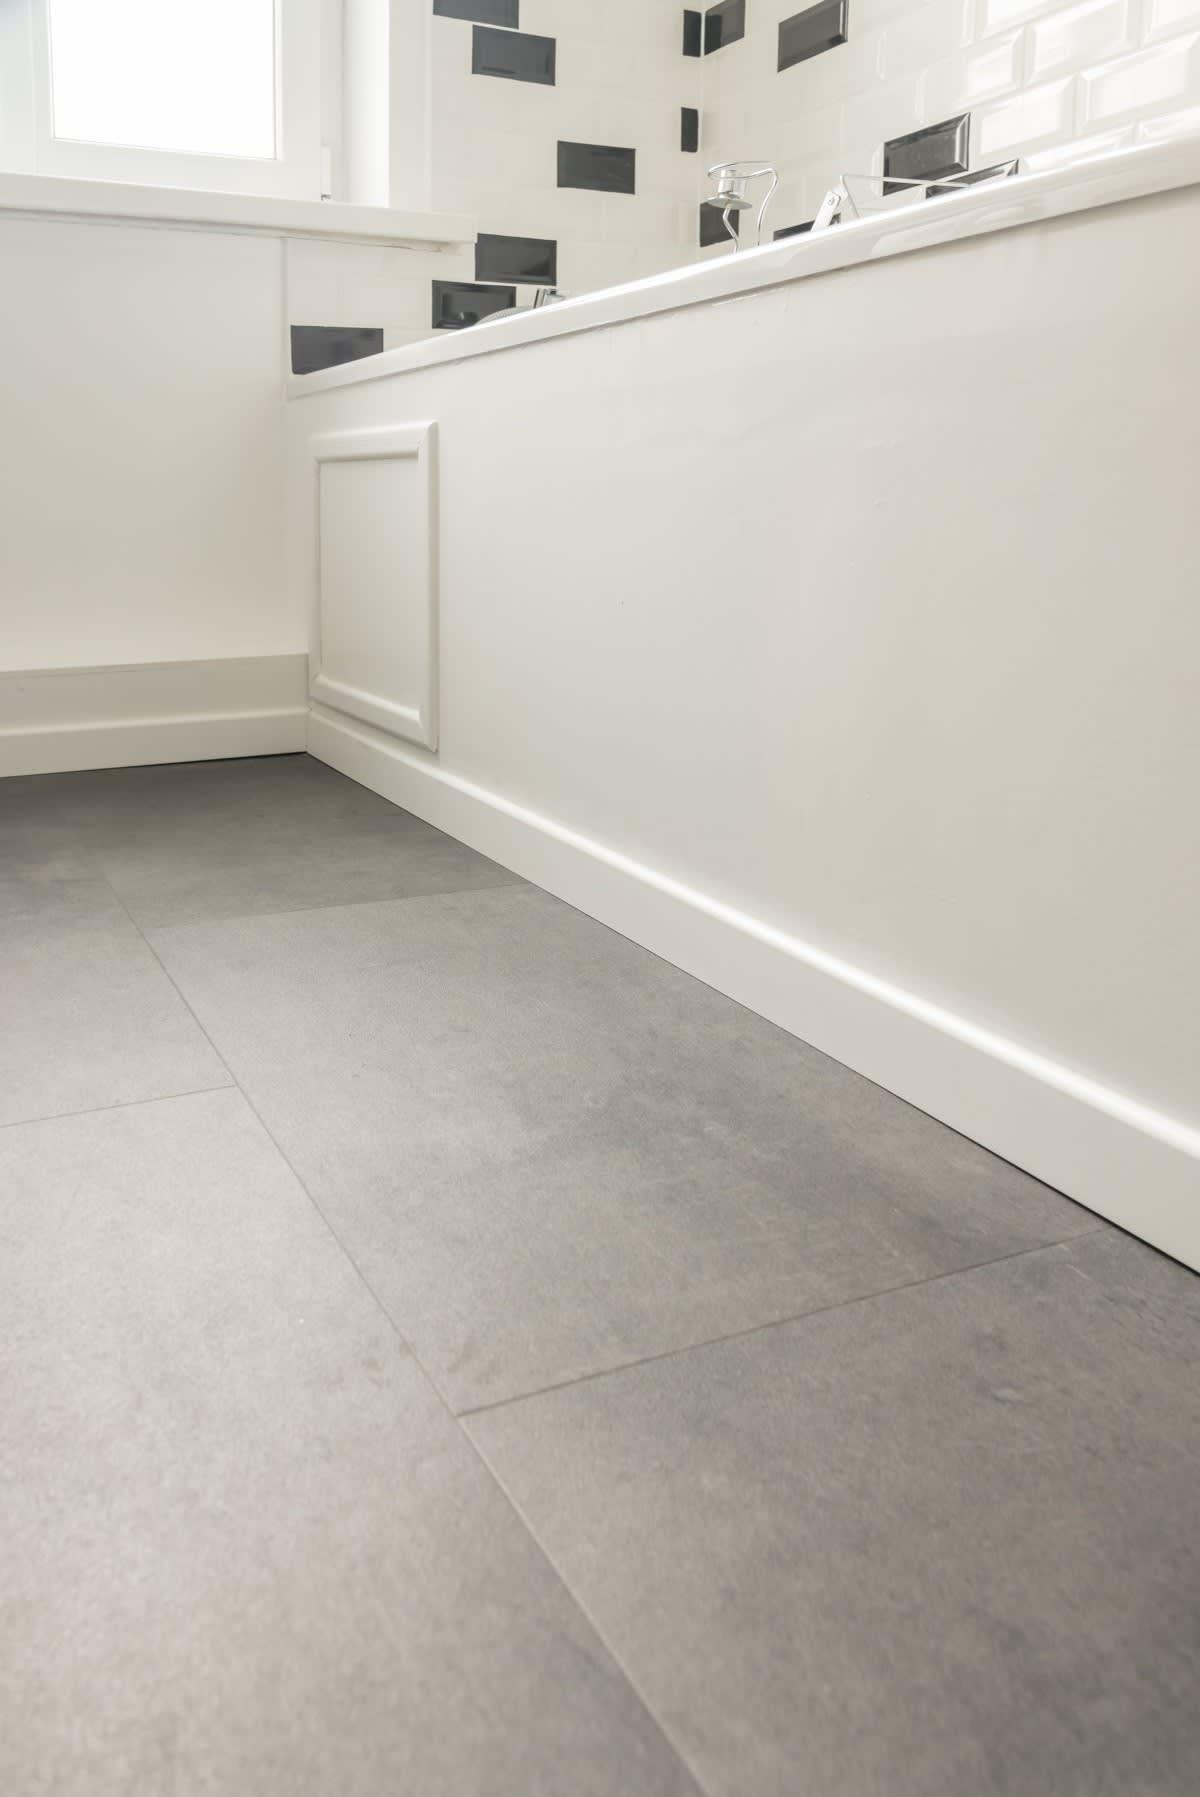 Projet_réalisé_un-sol-effet-beton-dans-une-salle-de-bain-esprit-atelier